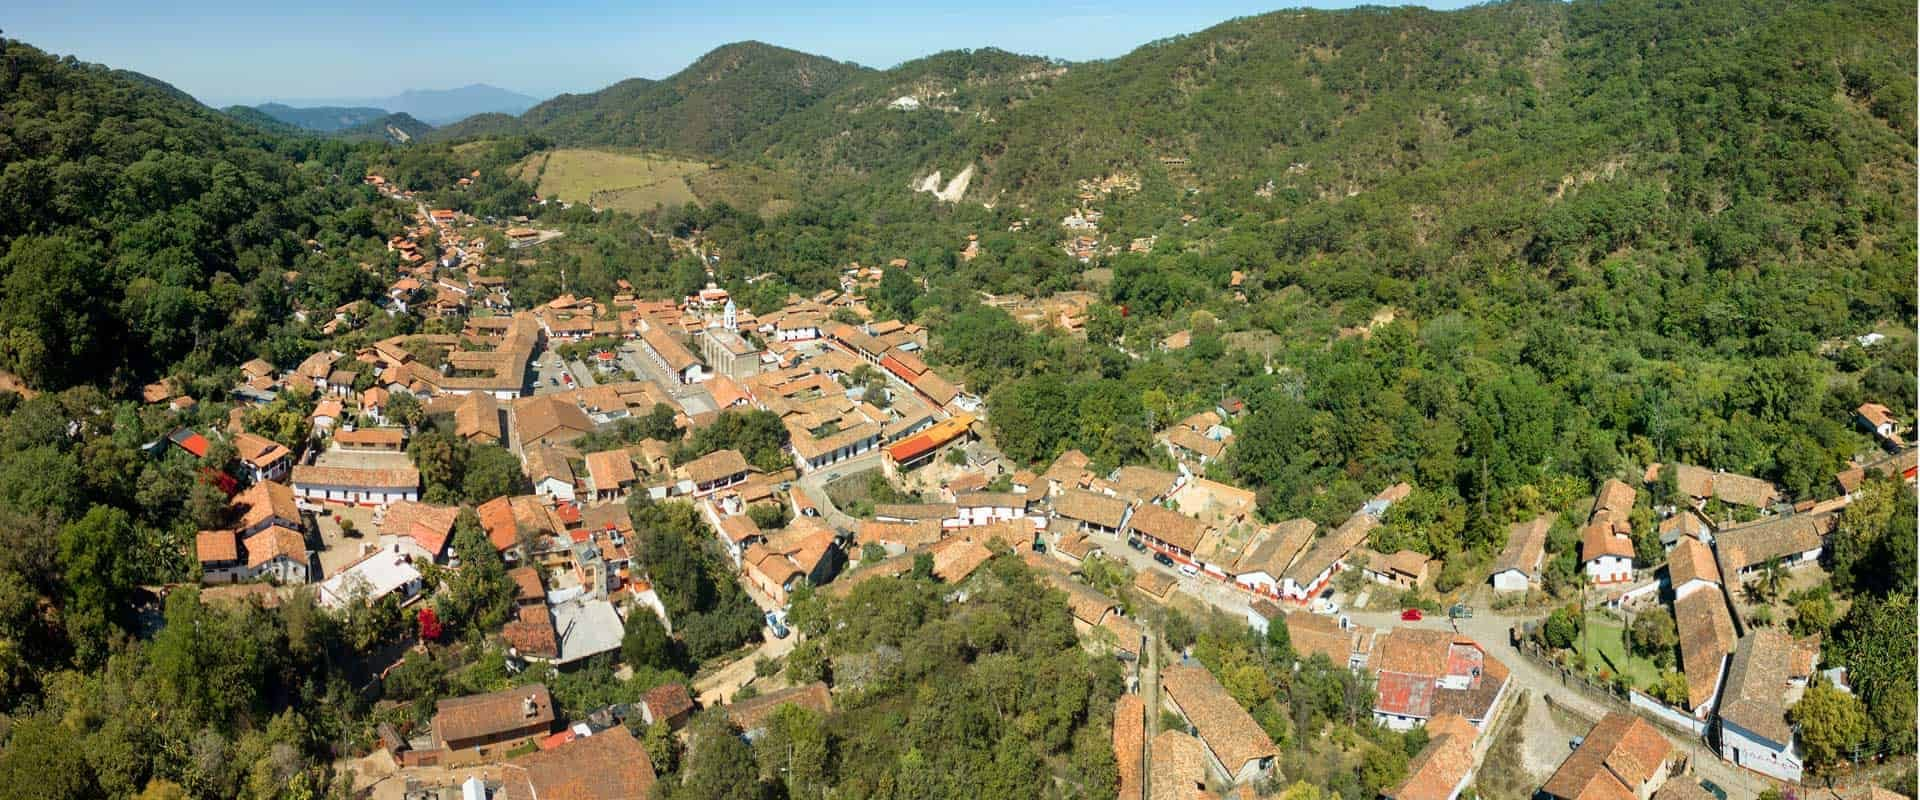 Bienes raíces en San Sebastián del Oeste